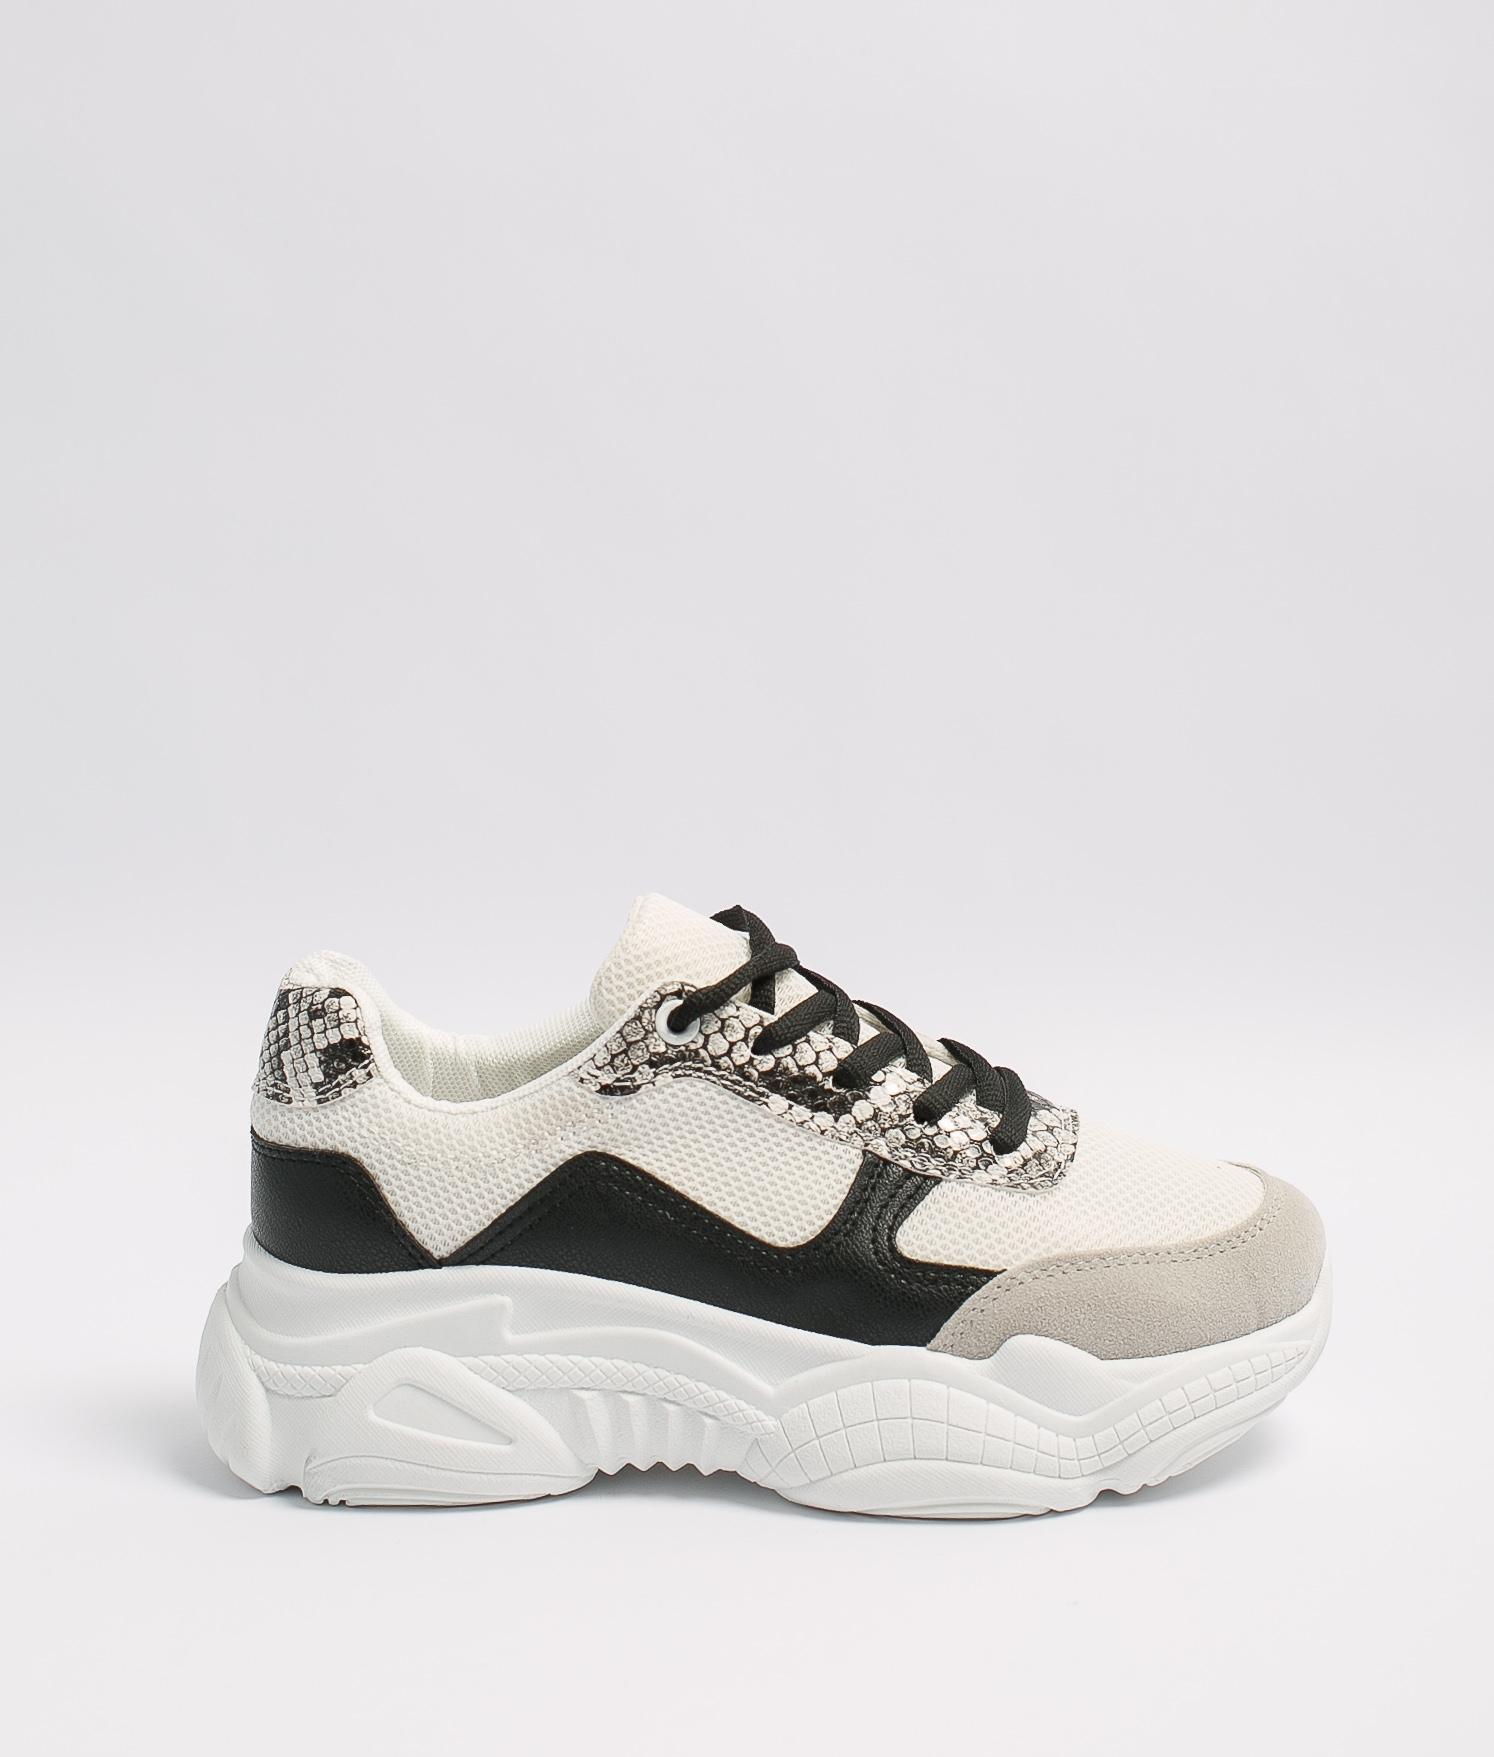 Sneakers Perta - Grey